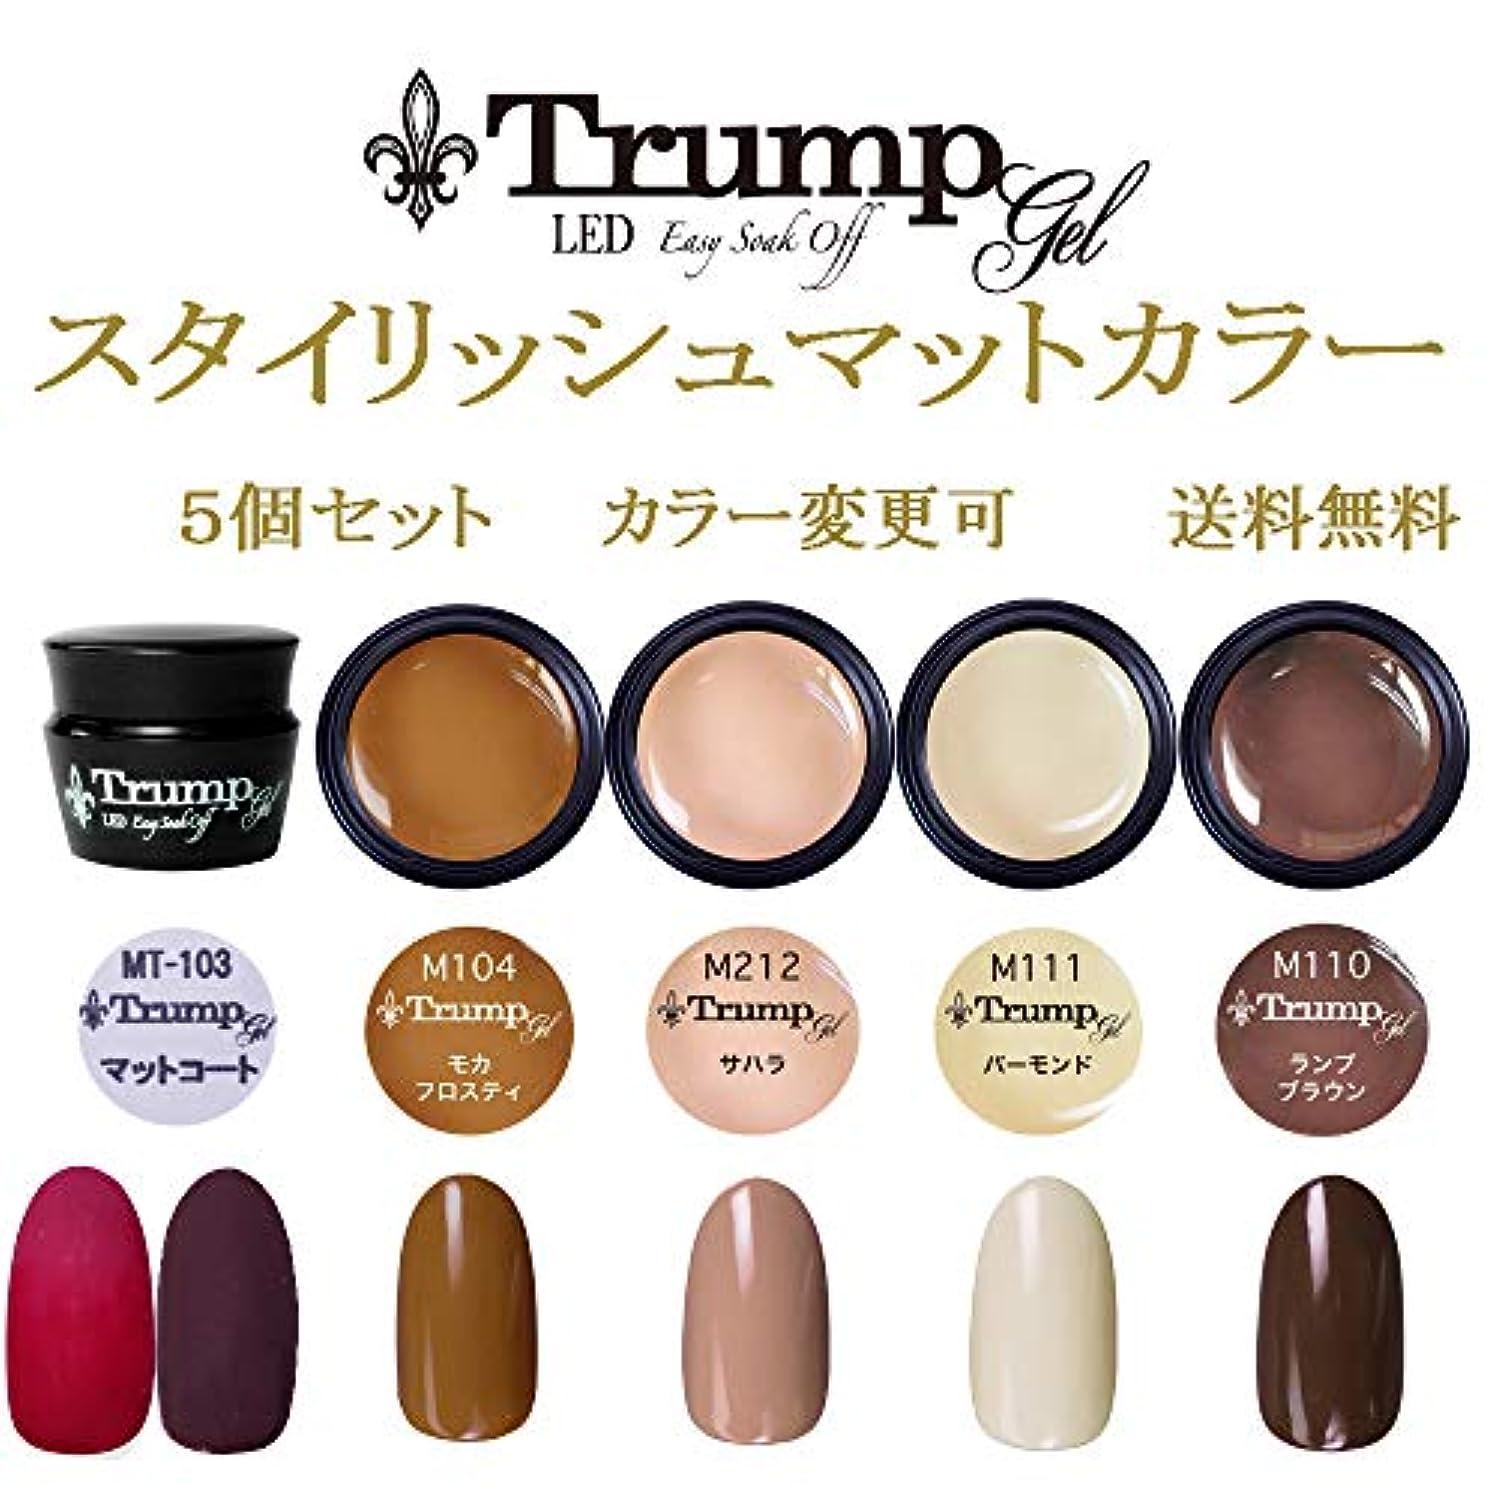 巻き戻す代替案迷惑【送料無料】日本製 Trump gel トランプジェル スタイリッシュマットカラージェル5個セット 5個セット マットカラー ベージュ ブラウン マスタード カラー